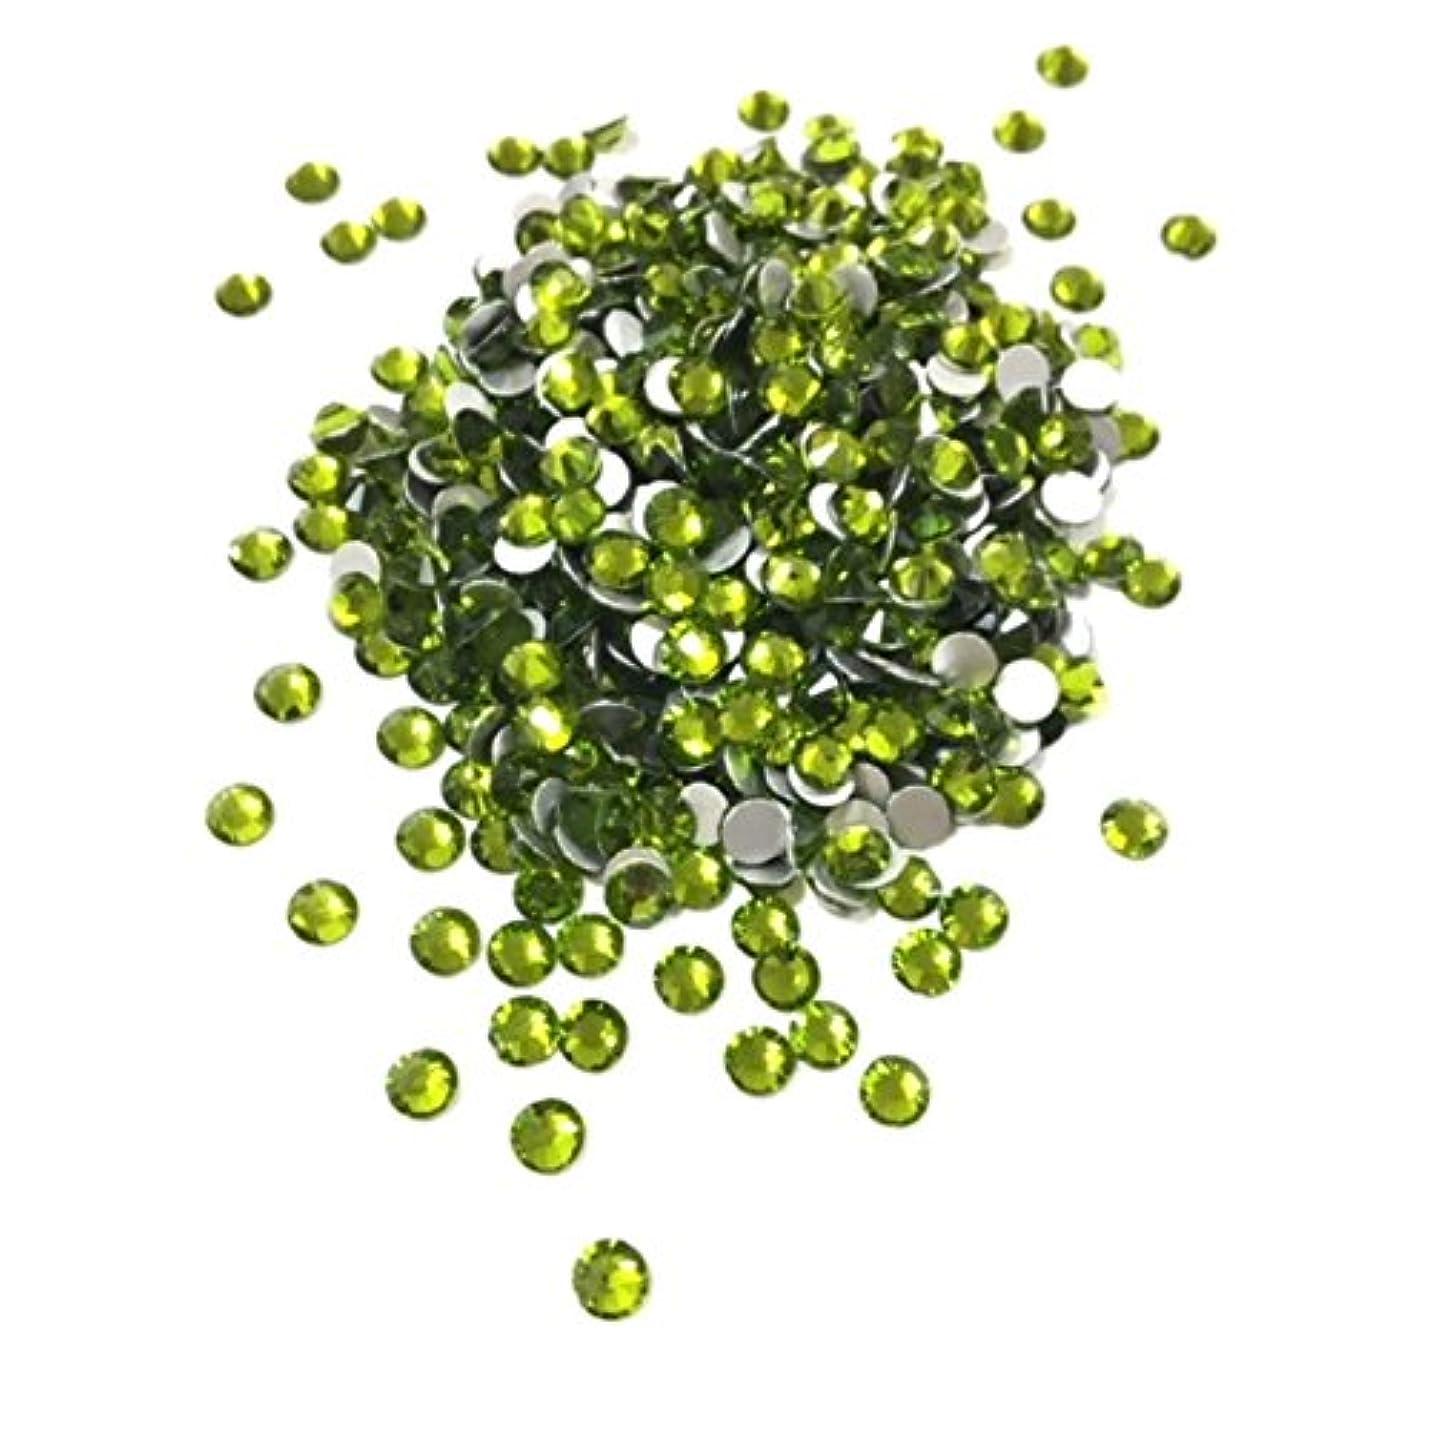 置くためにパック申請中秀でる【ネイルウーマン】最高品質ガラスストーン!スワロ同等の輝き! オリーブ 緑 グリーン (約100粒入り) (SS8, オリーブ)